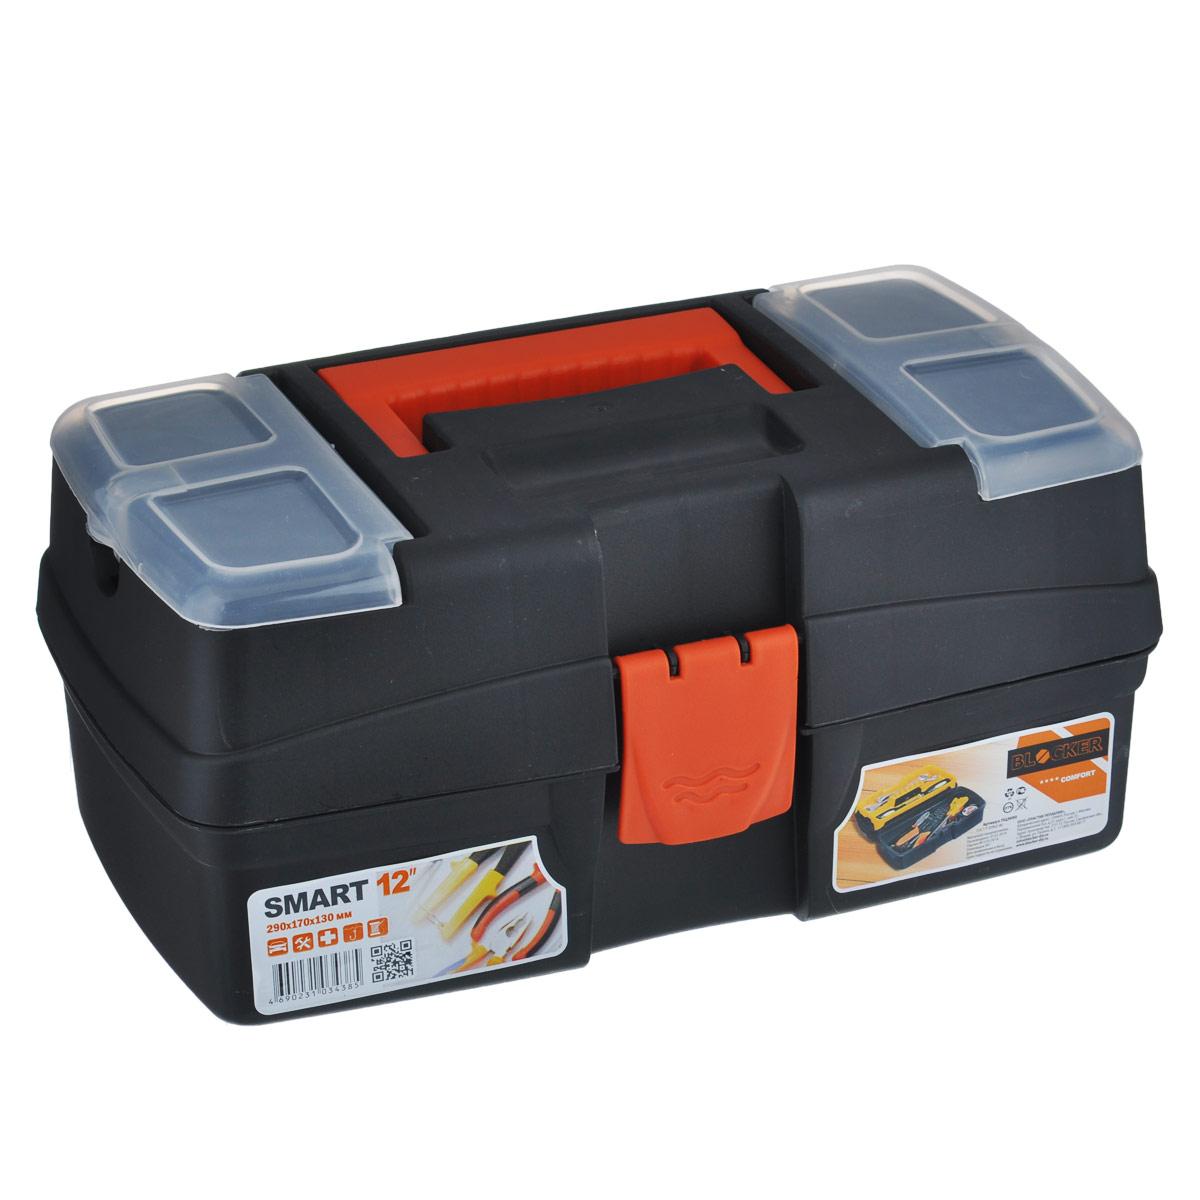 Ящик для инструментов Blocker Smart, с органайзером, цвет: черный, красный, 29 х 17 х 13 смПЦ3690Ящик Blocker Smart выполнен из прочного пластика и предназначен для хранения инструментов. Изделие оснащено ручкой для удобной переноски. В комплект входит небольшой съемный органайзер. Сверху на ящике расположены две секции с прозрачными крышками. Все крышки плотно закрываются на защелки.